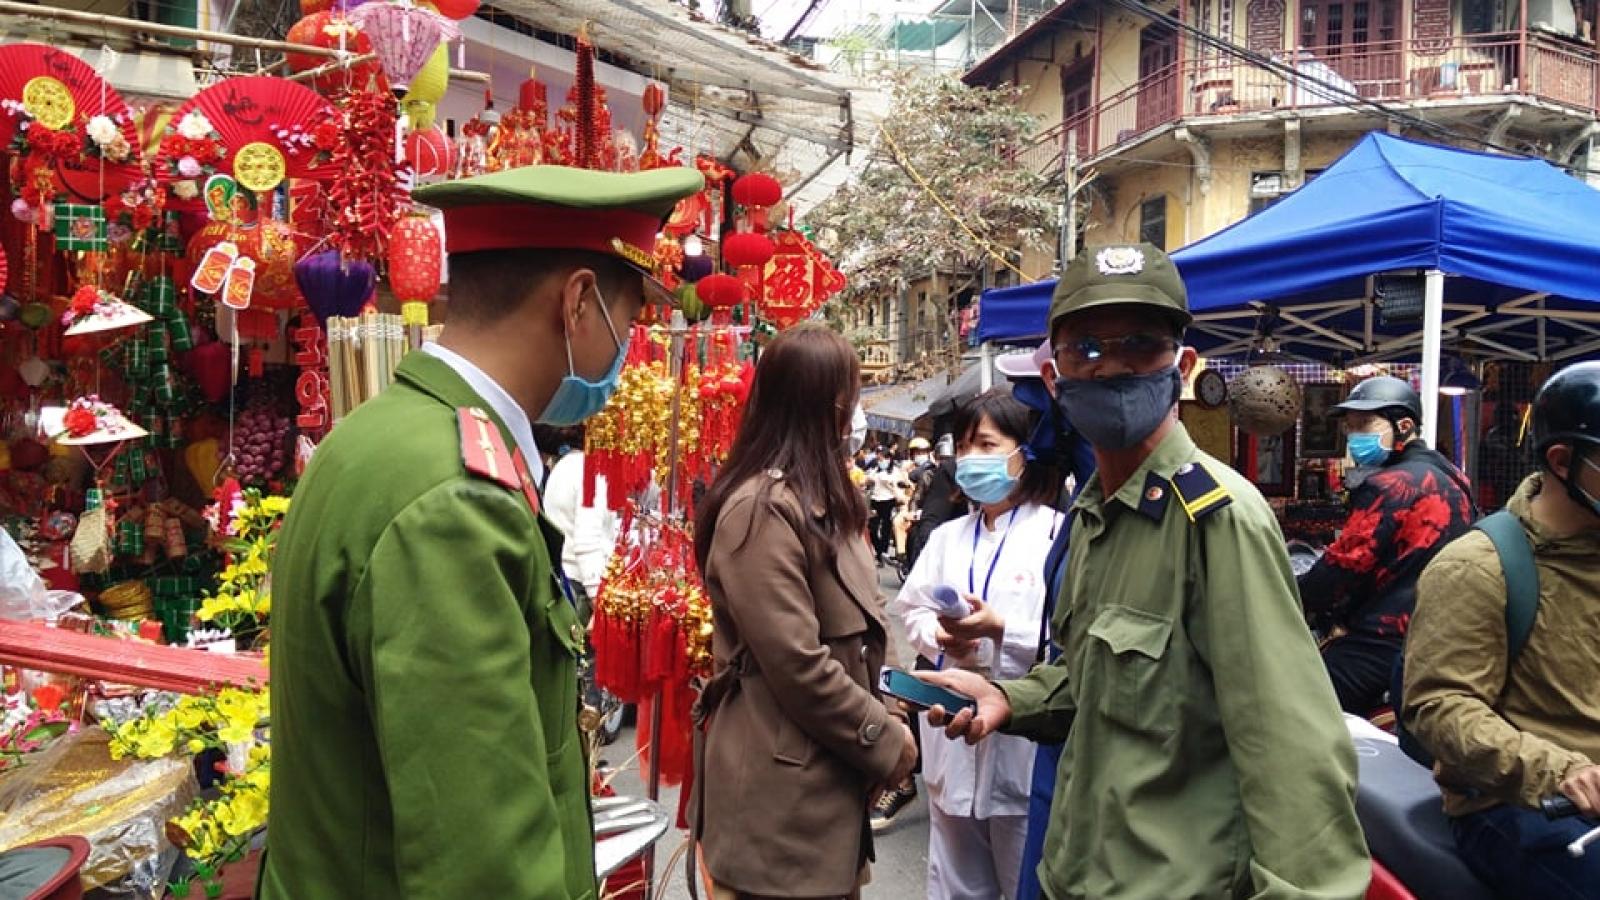 Công an quận Hoàn Kiếm xử phạt 70 trường hợp không đeo khẩu trang nơi công cộng